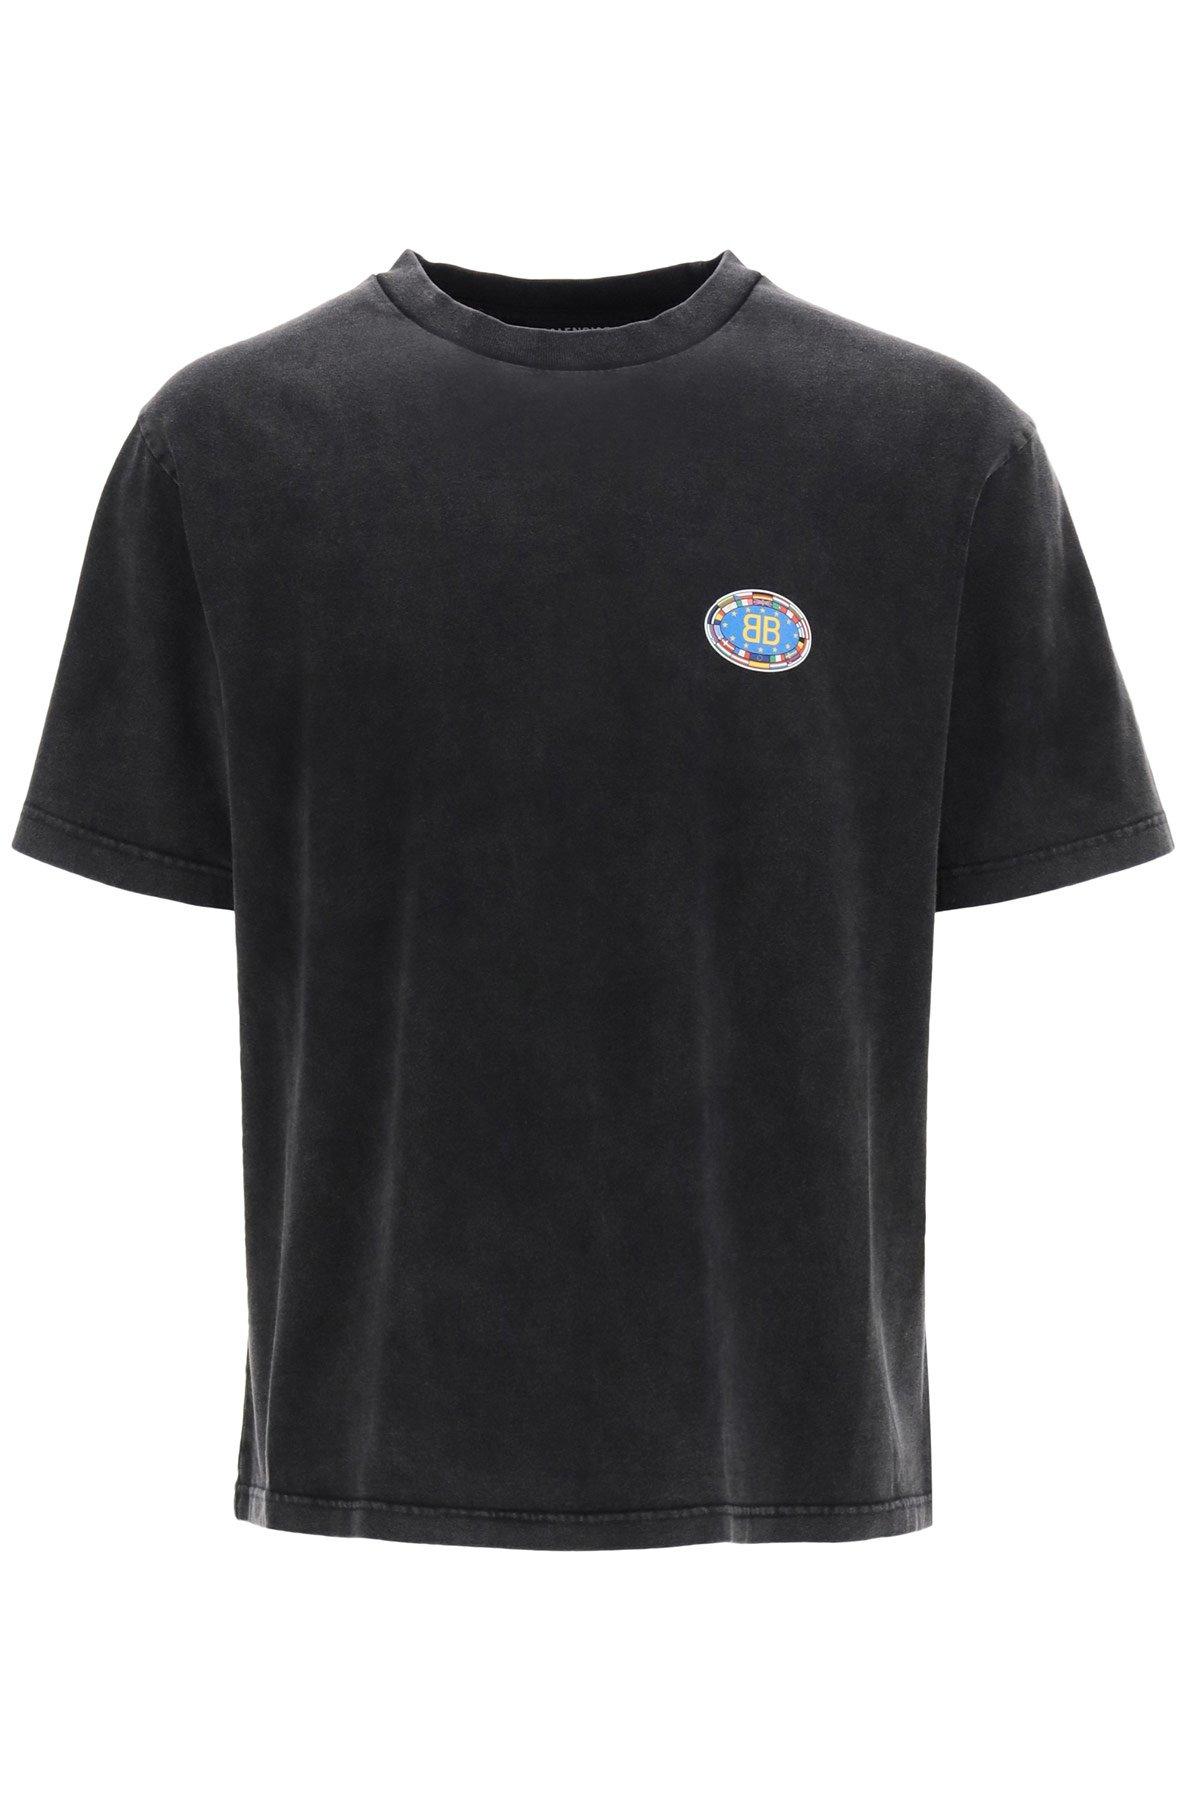 Balenciaga t-shirt logo bb bandiere